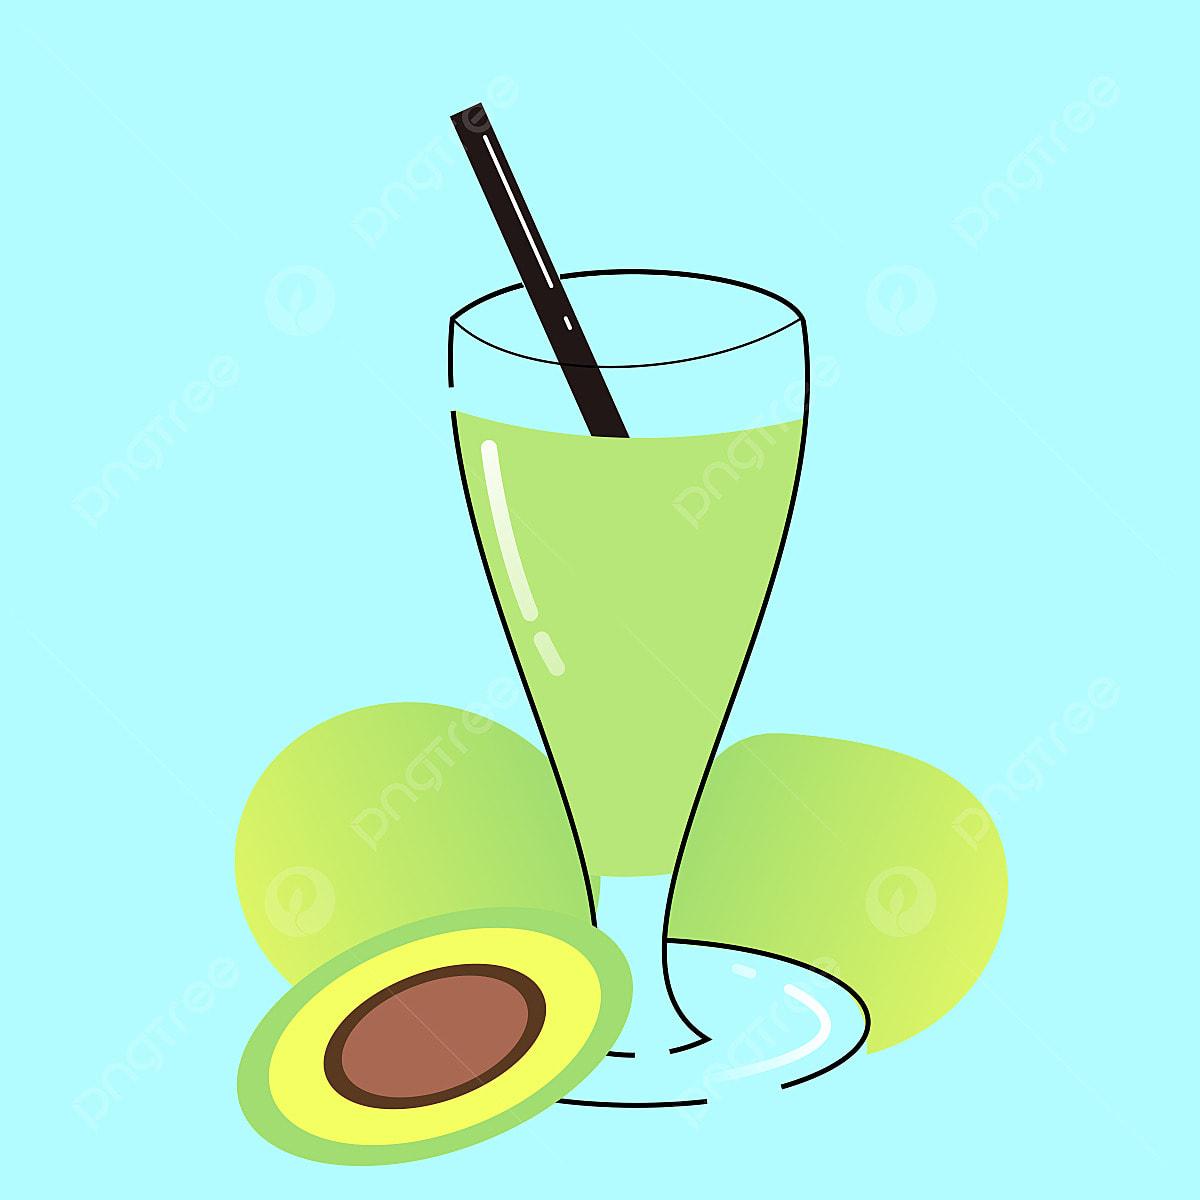 gambar vektor jus alpukat jus vektor alpukat png dan clipart untuk muat turun percuma https ms pngtree com freepng avocado juice vector 4992623 html